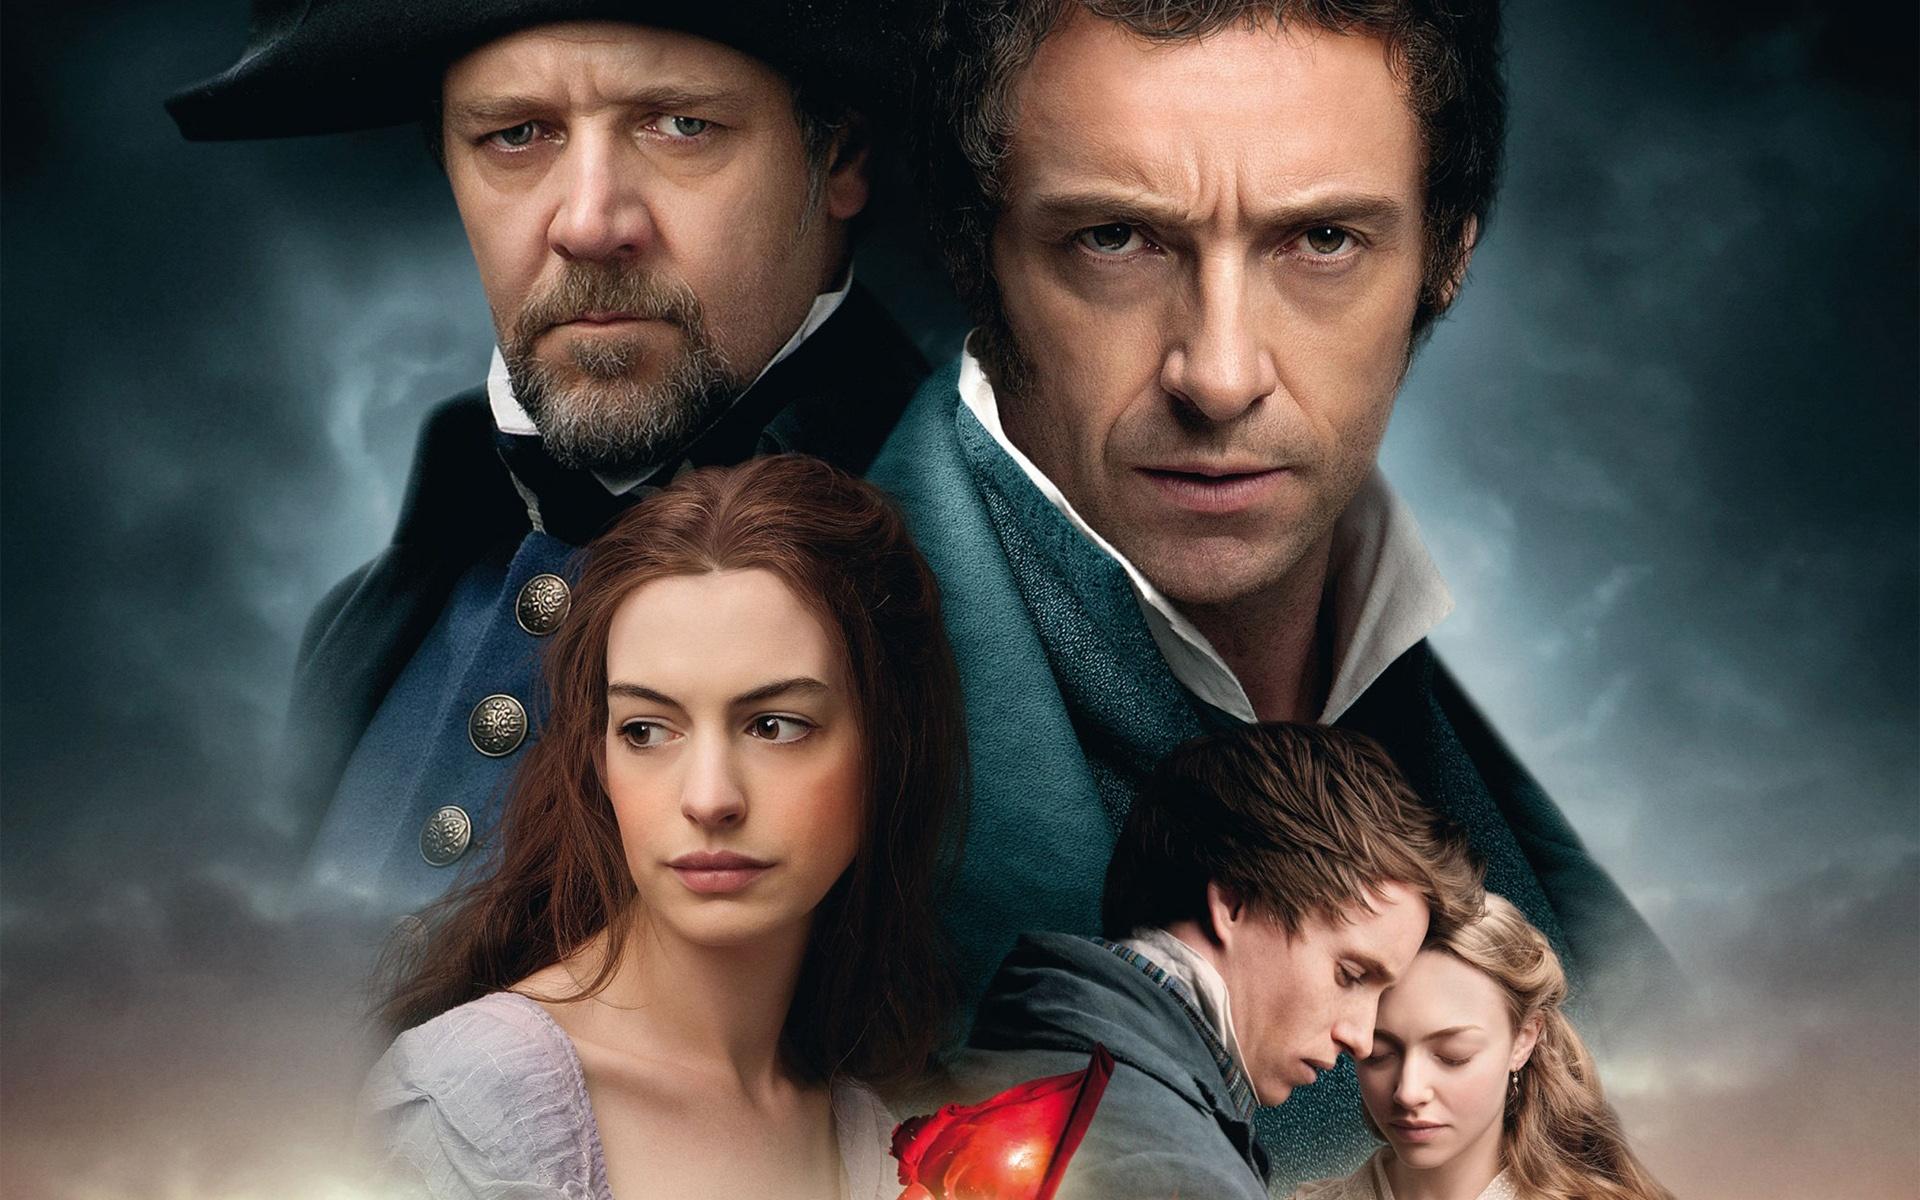 主要登場人物5人の2012年の映画レ・ミゼラブルの壁紙